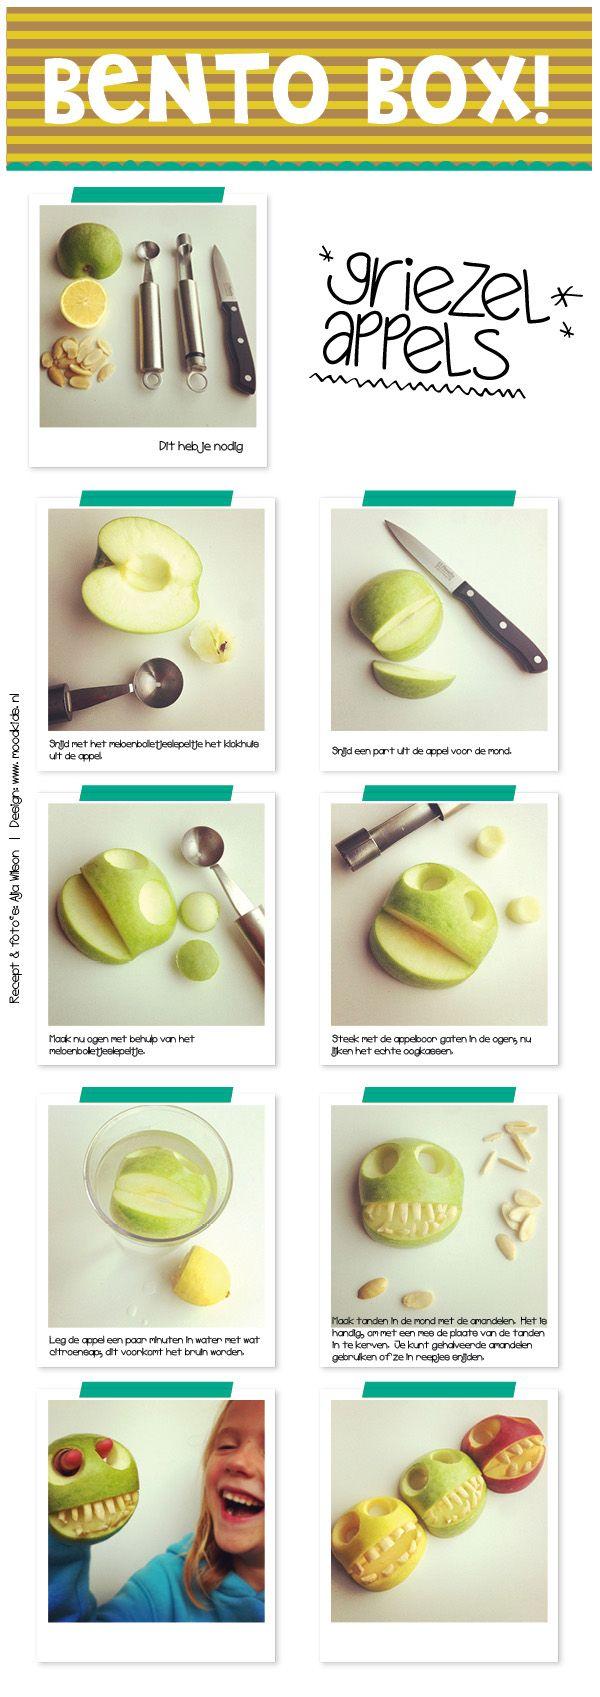 BENTO appels stap voor stap uitleg griezelappels voor halloween, gevaarlijk gezond!